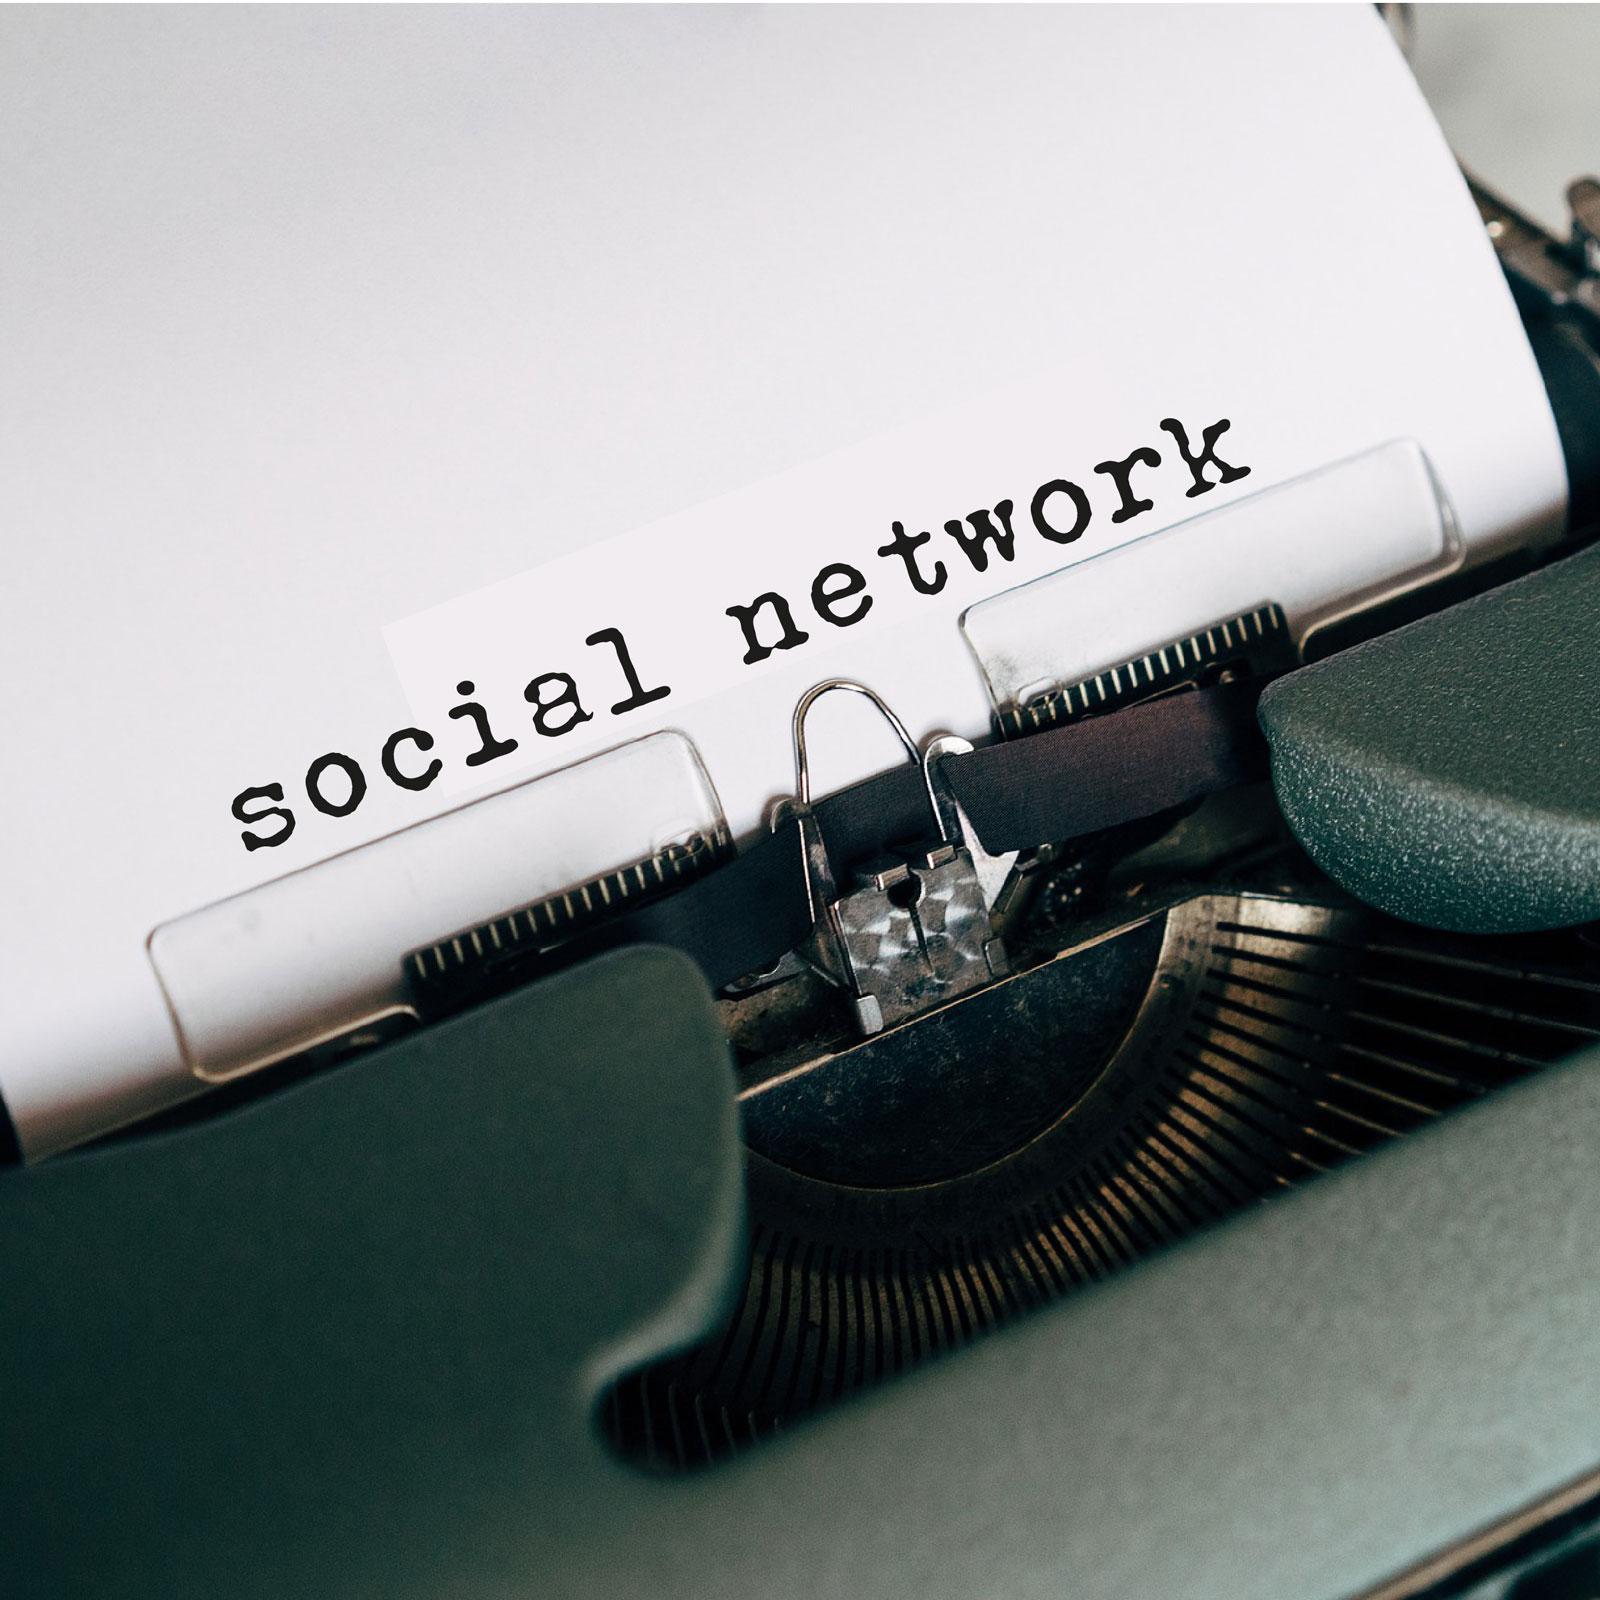 social-network-avvocat-sq